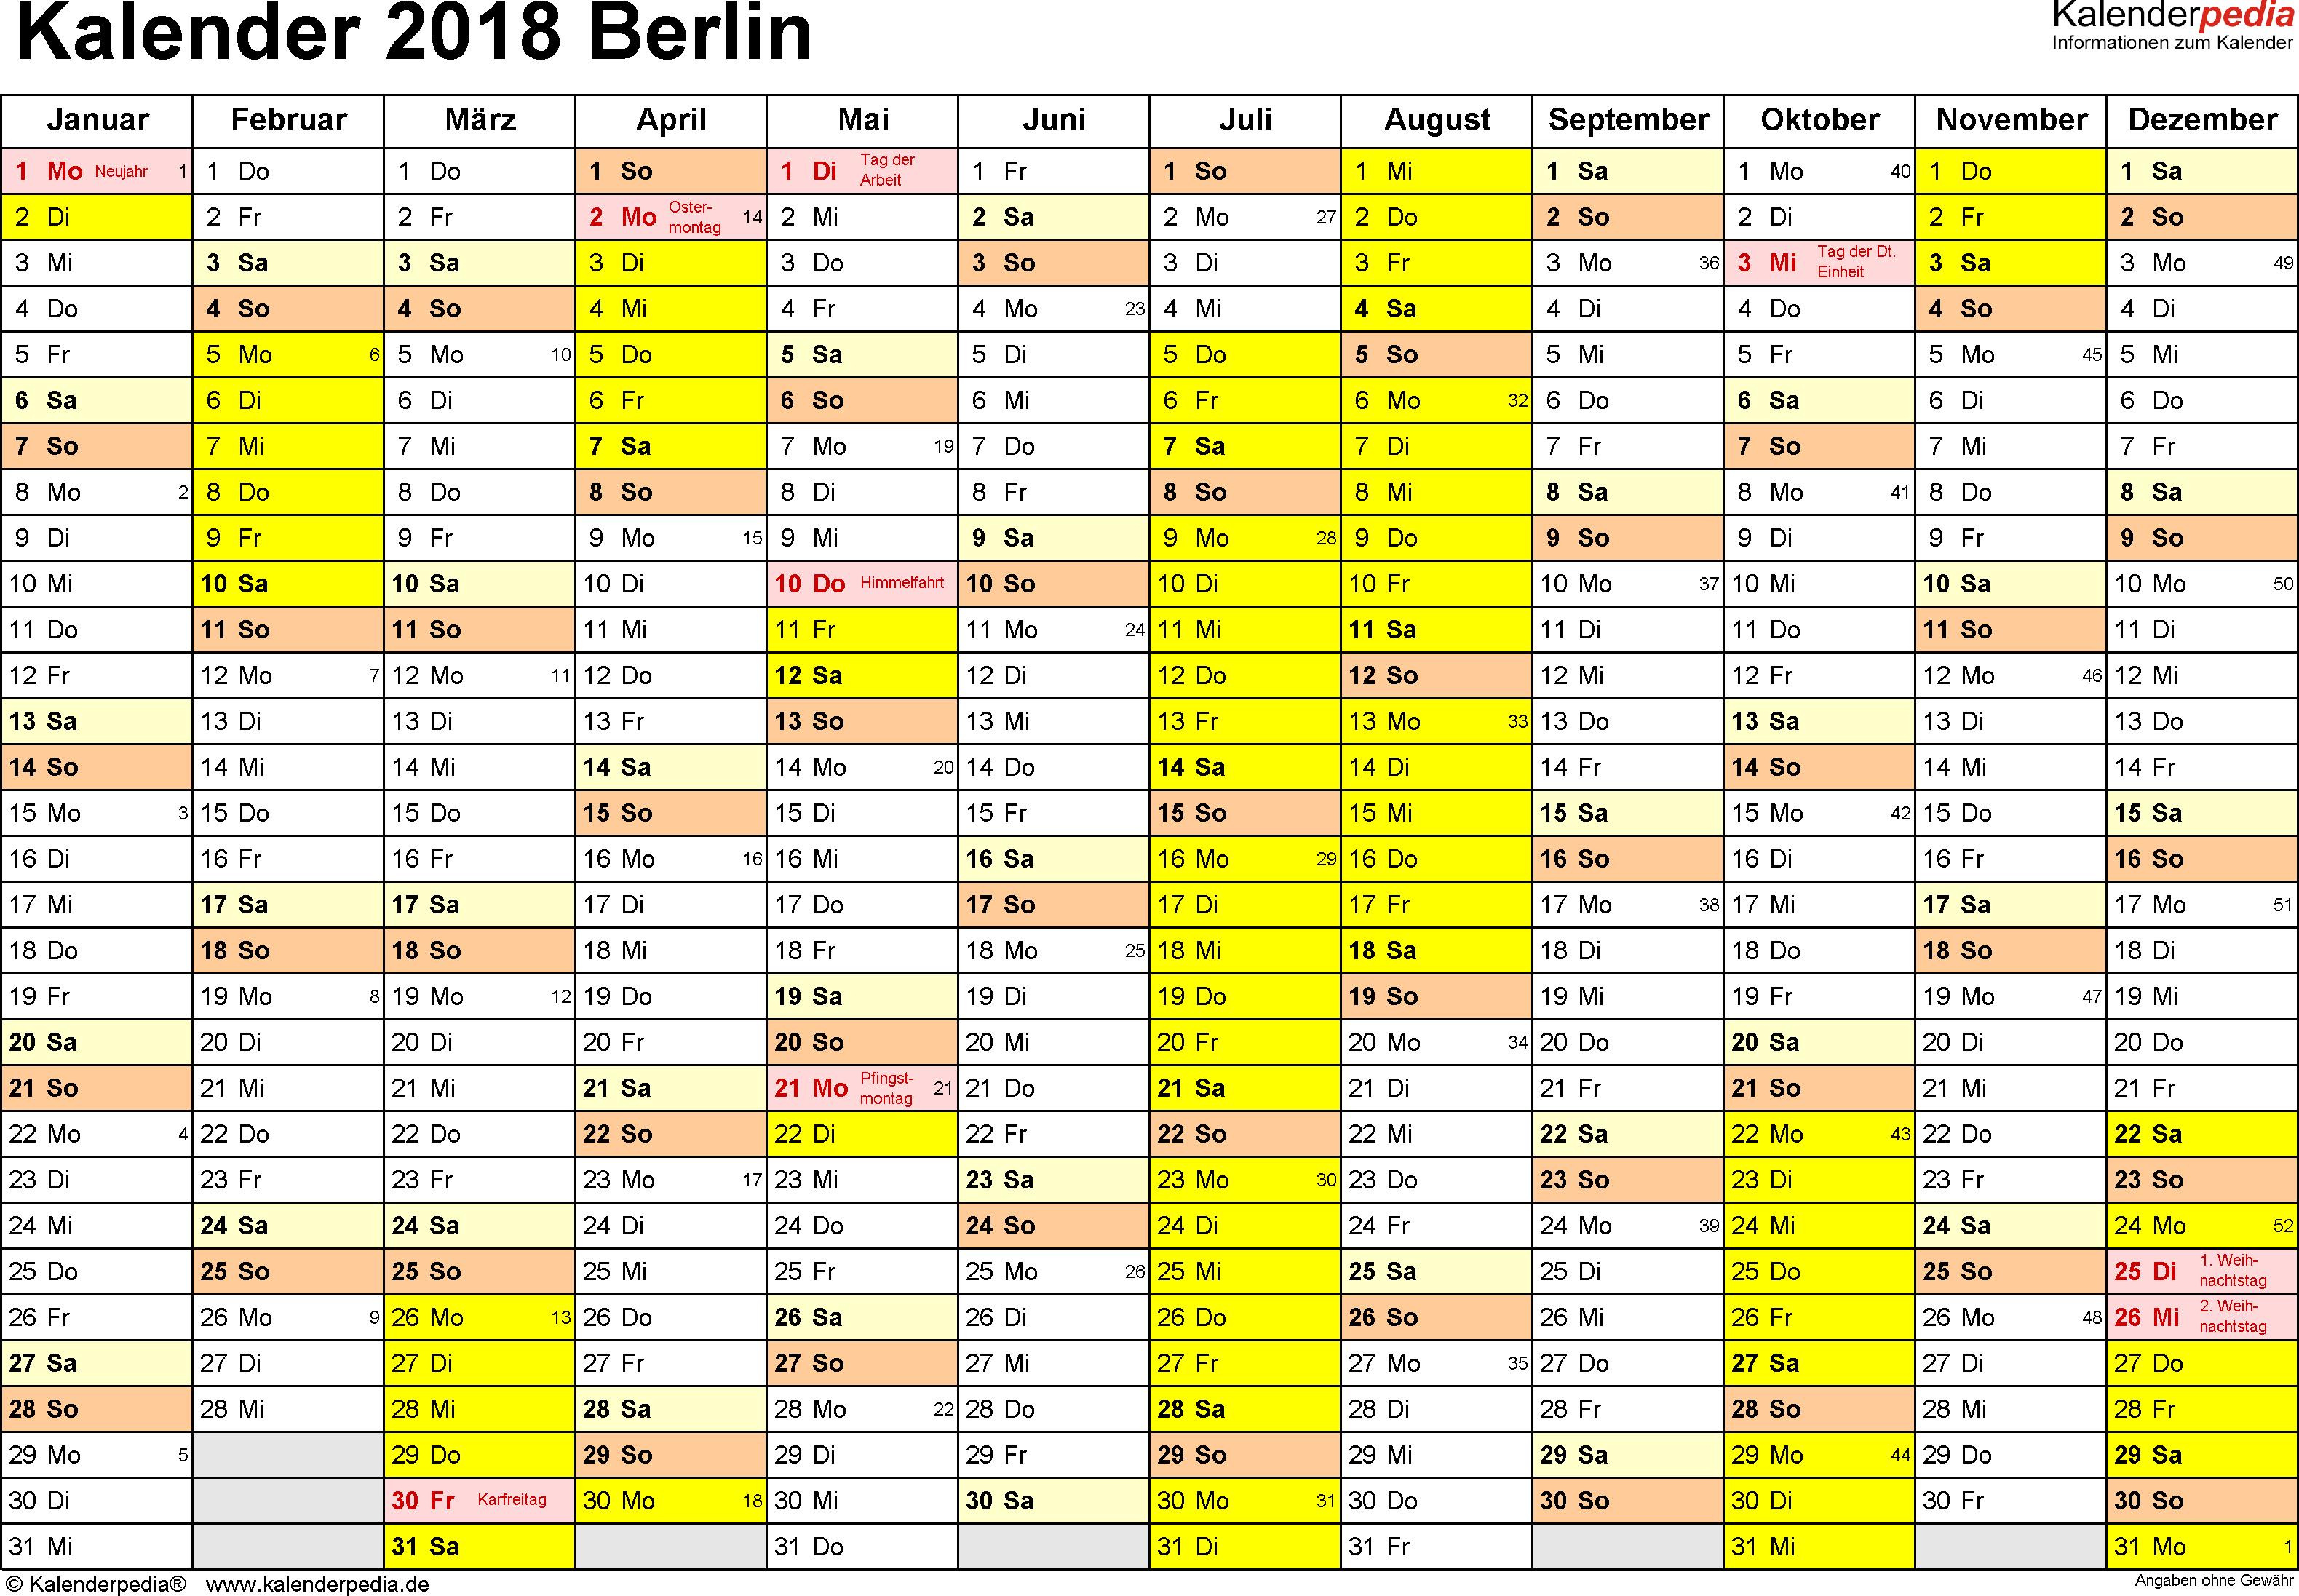 Vorlage 1: Kalender 2018 für Berlin als Excel-Vorlage (Querformat, 1 Seite)